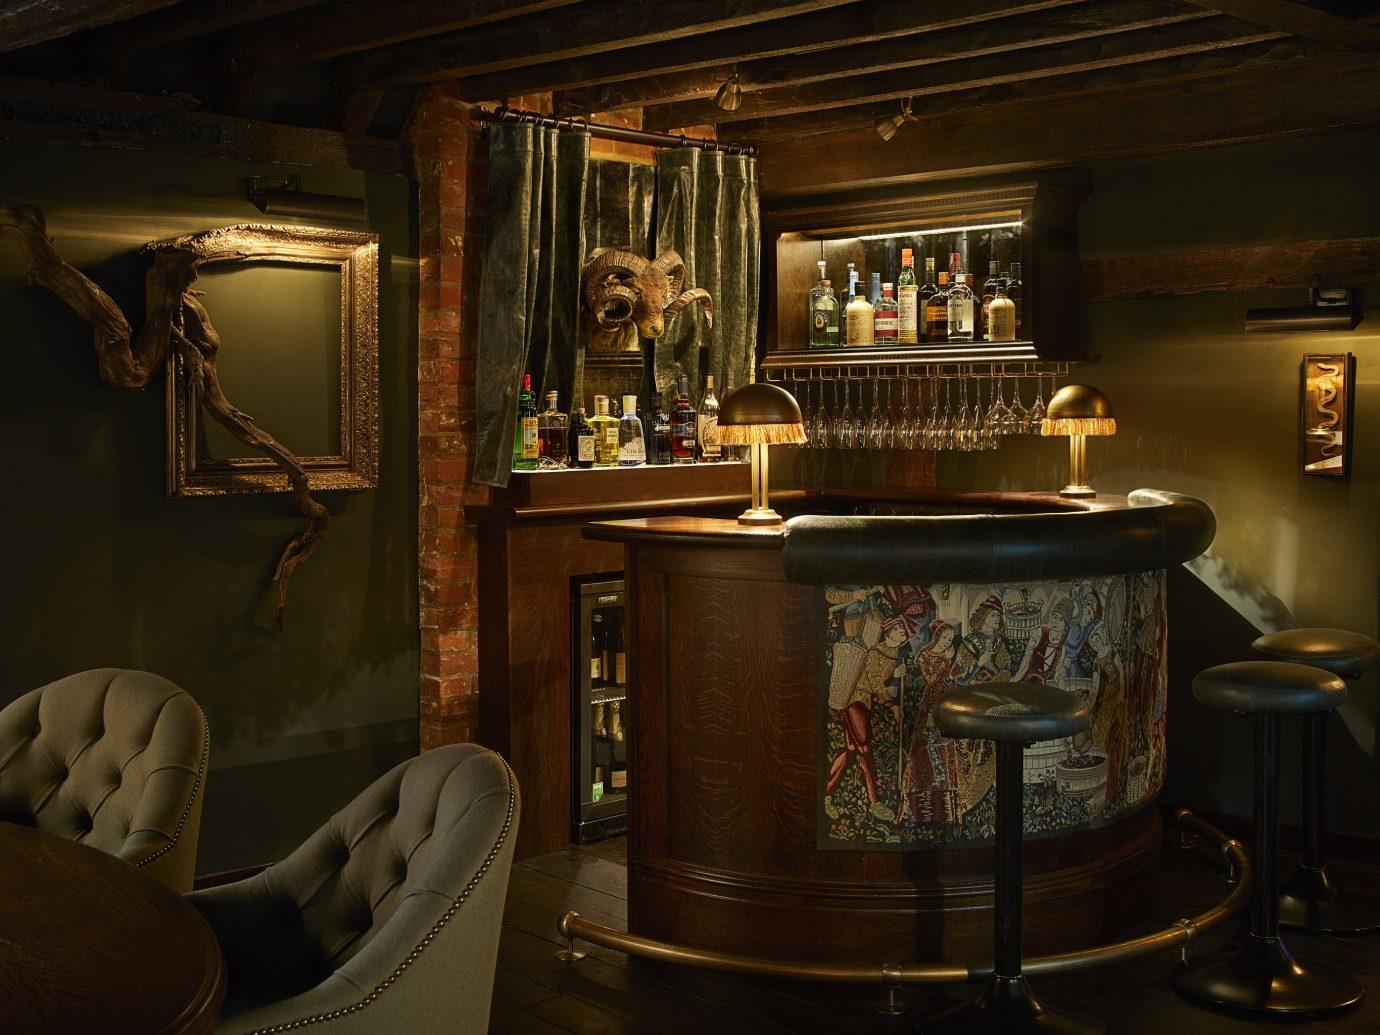 England europe London Trip Ideas indoor ceiling interior design furniture Bar table antique restaurant